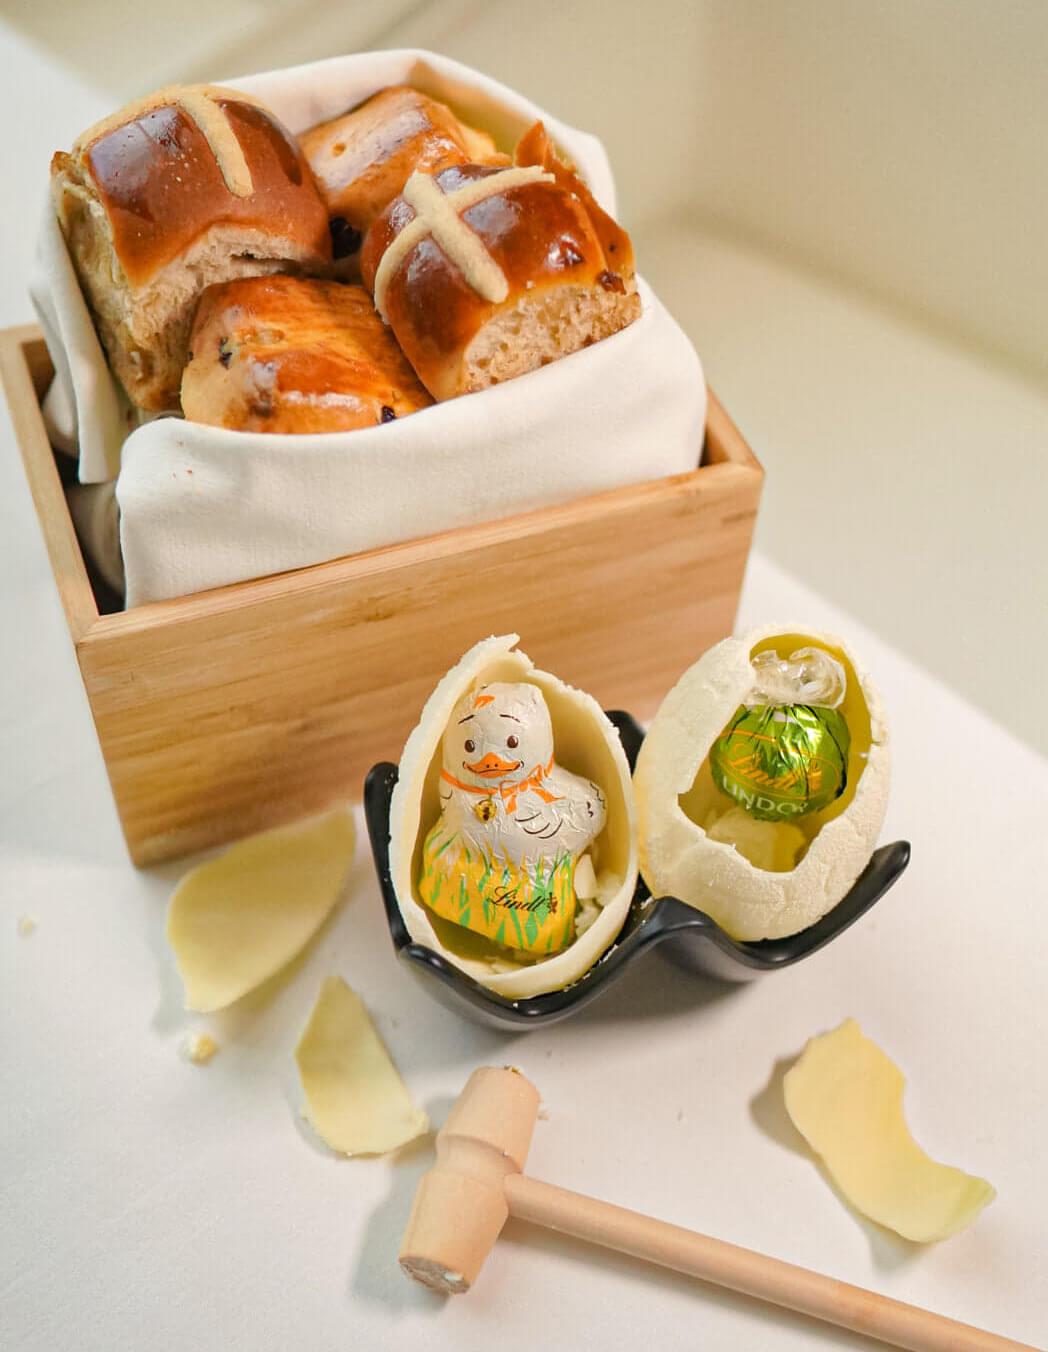 食下午茶之前,員工會送上麵包籃及朱古力蛋。